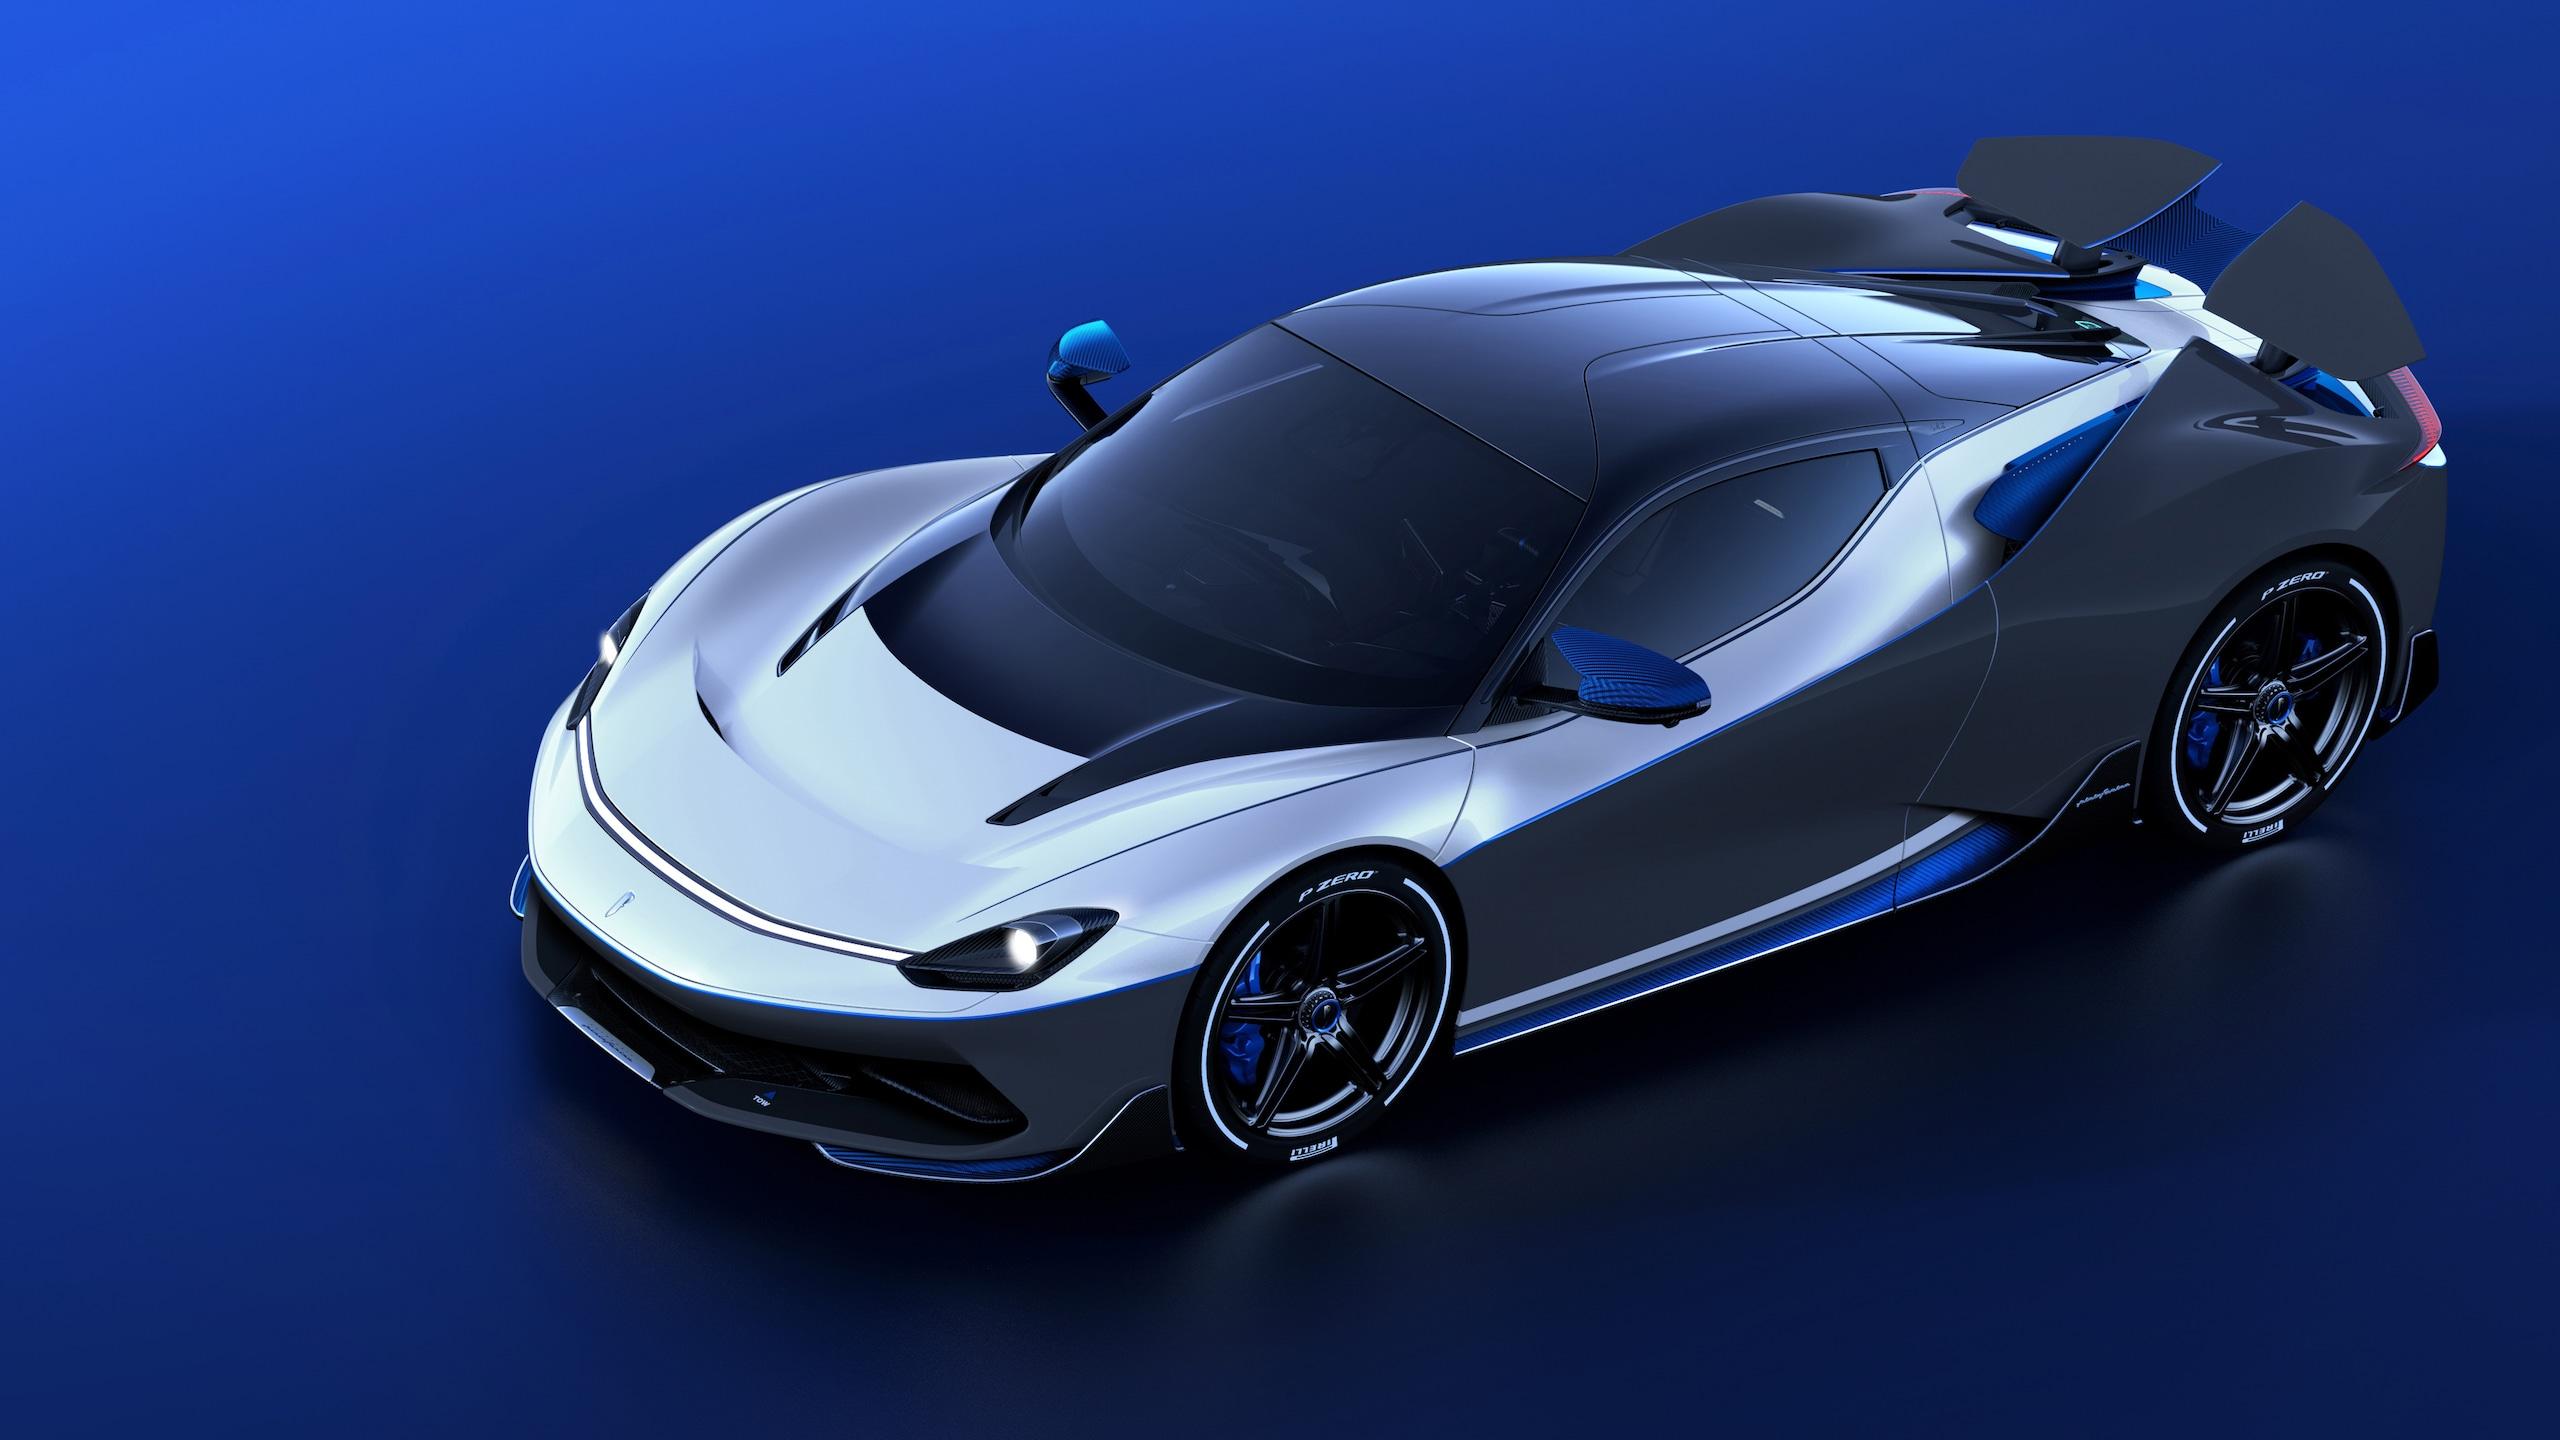 Pininfarina Battista Anniversario, serie speciale da 2.6 milioni di euro